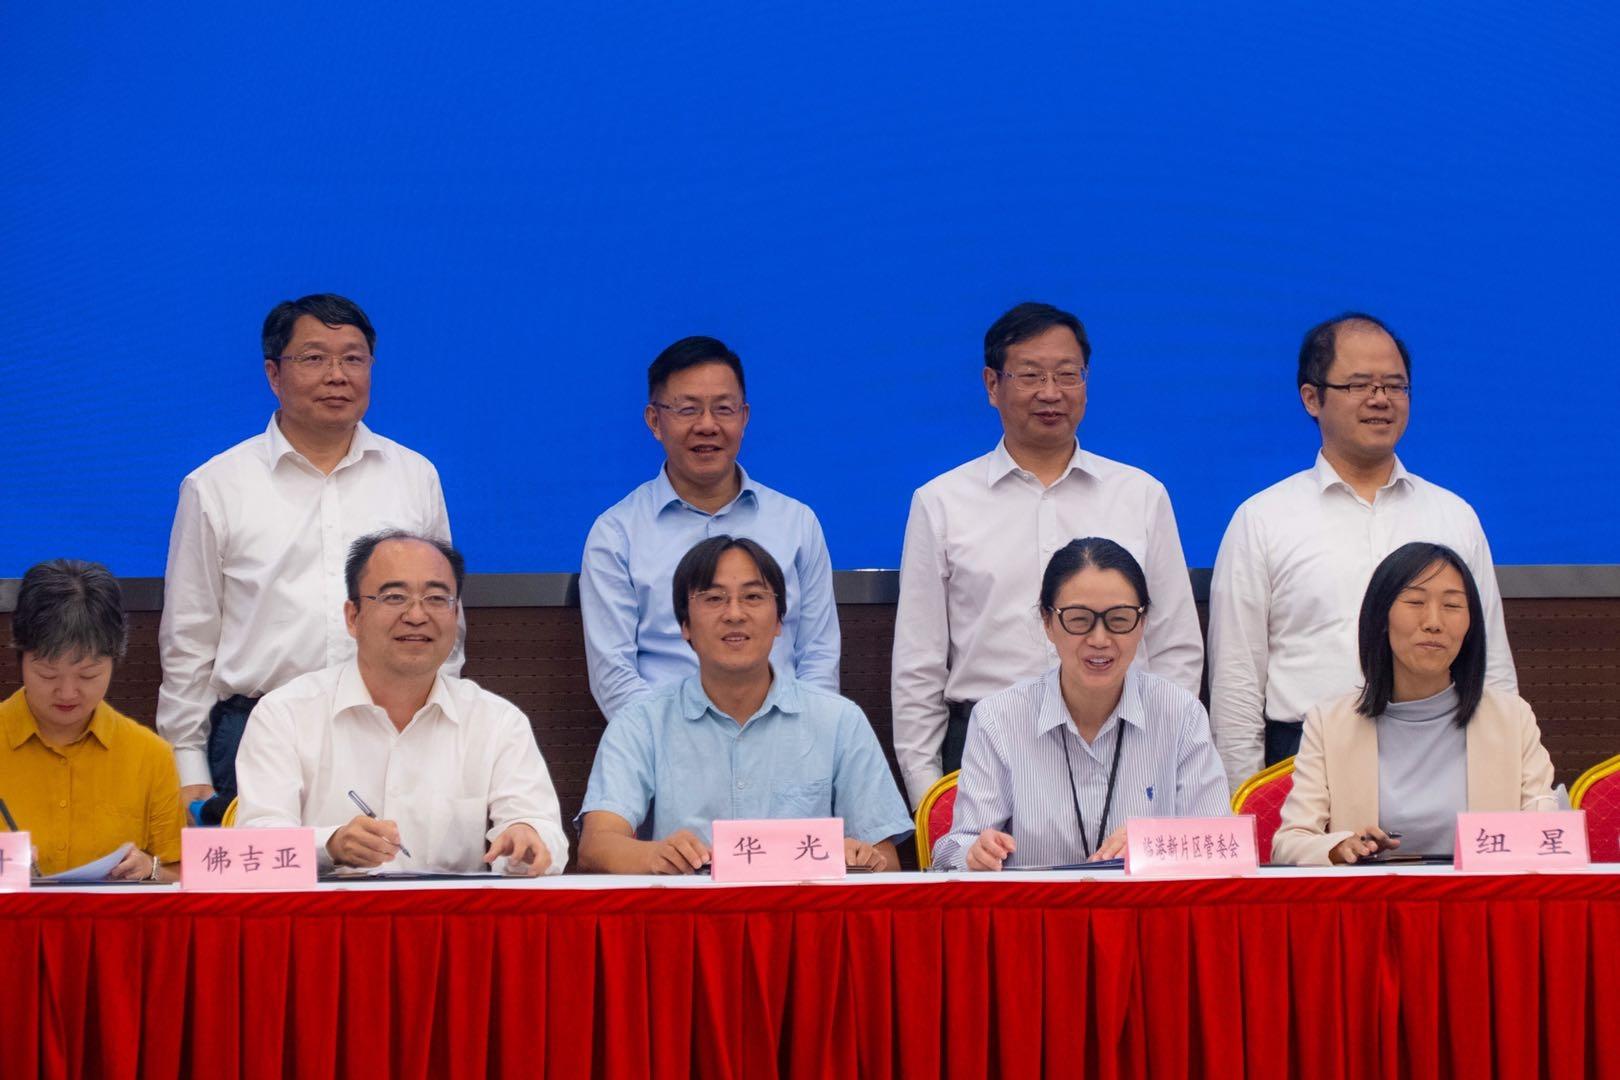 佛吉亚座椅项目入驻上海临港新片区,共同打造智能网联汽车产业链